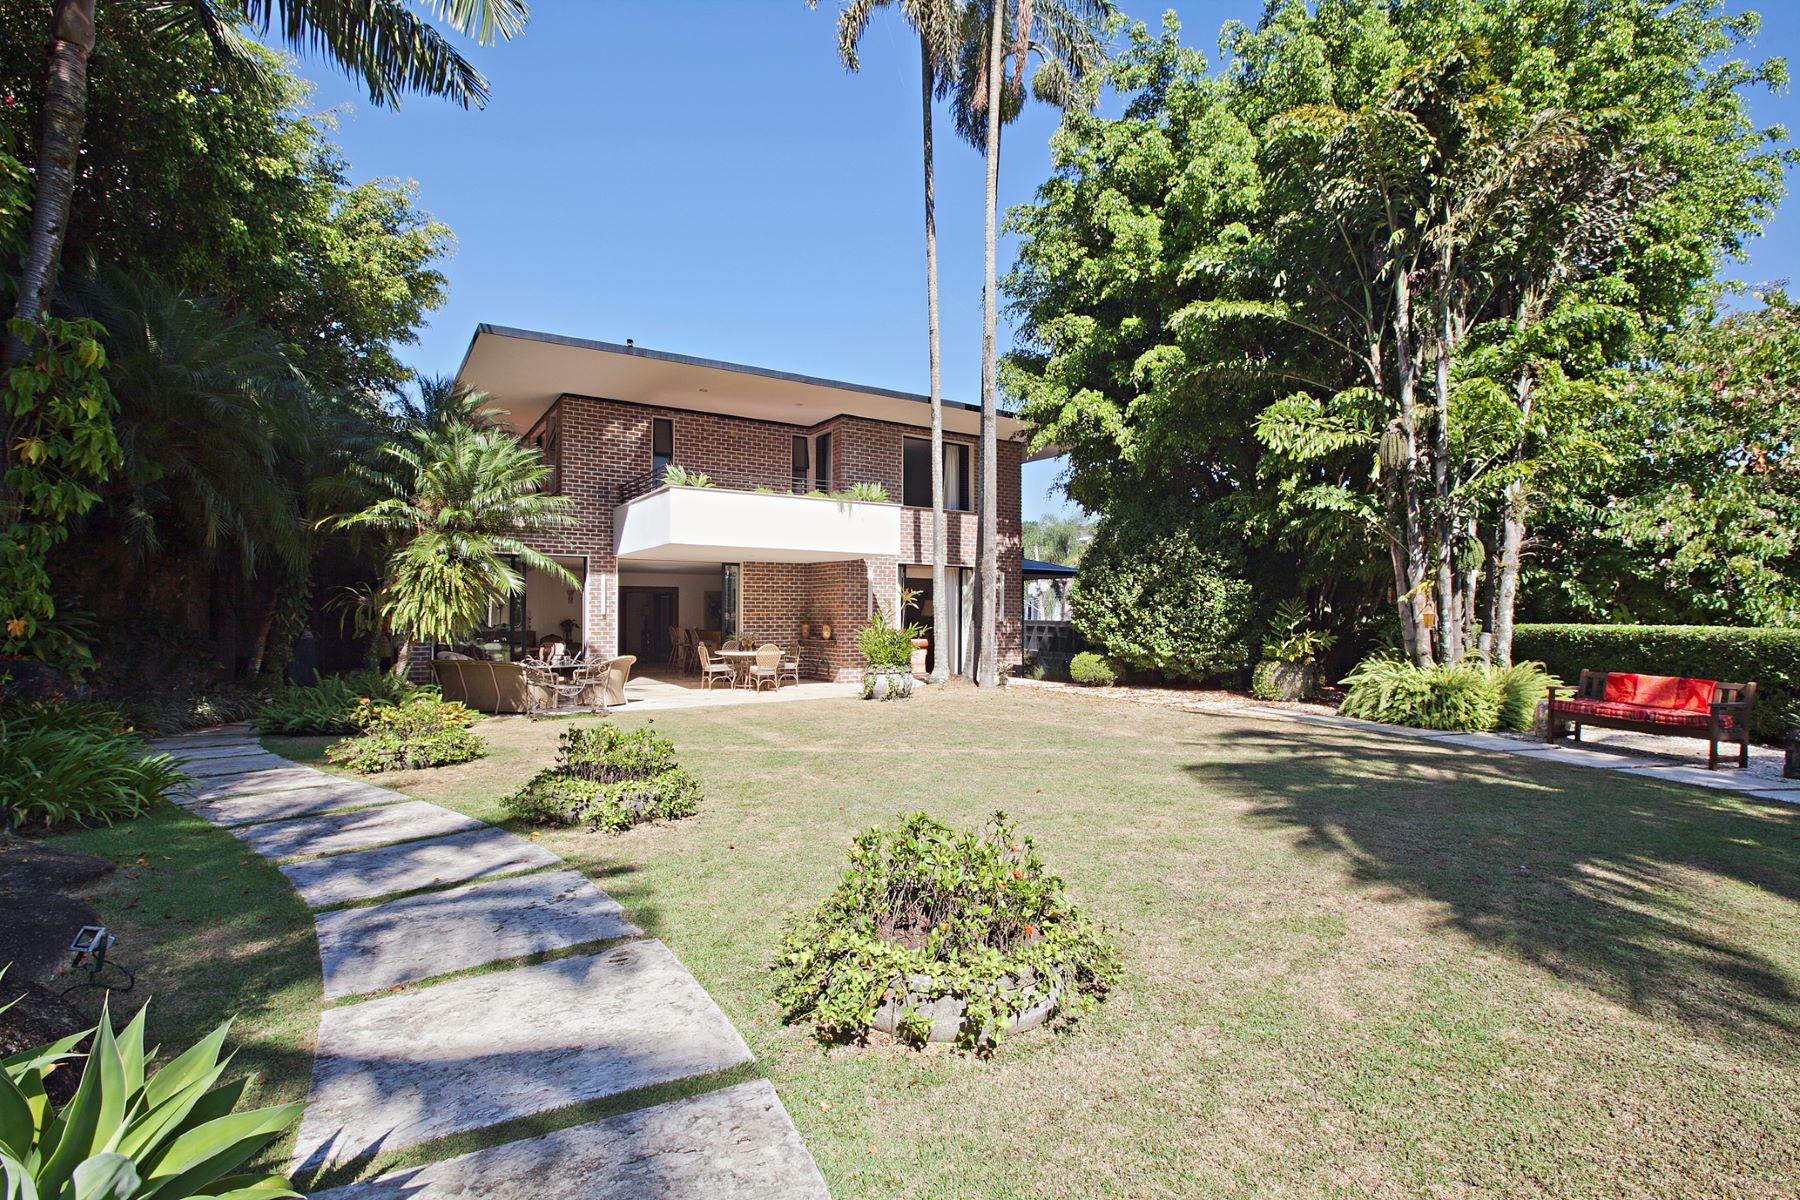 Casa para uma família para Venda às Nice tranquil home Rua das Açucenas Sao Paulo, São Paulo, 05673040 Brasil